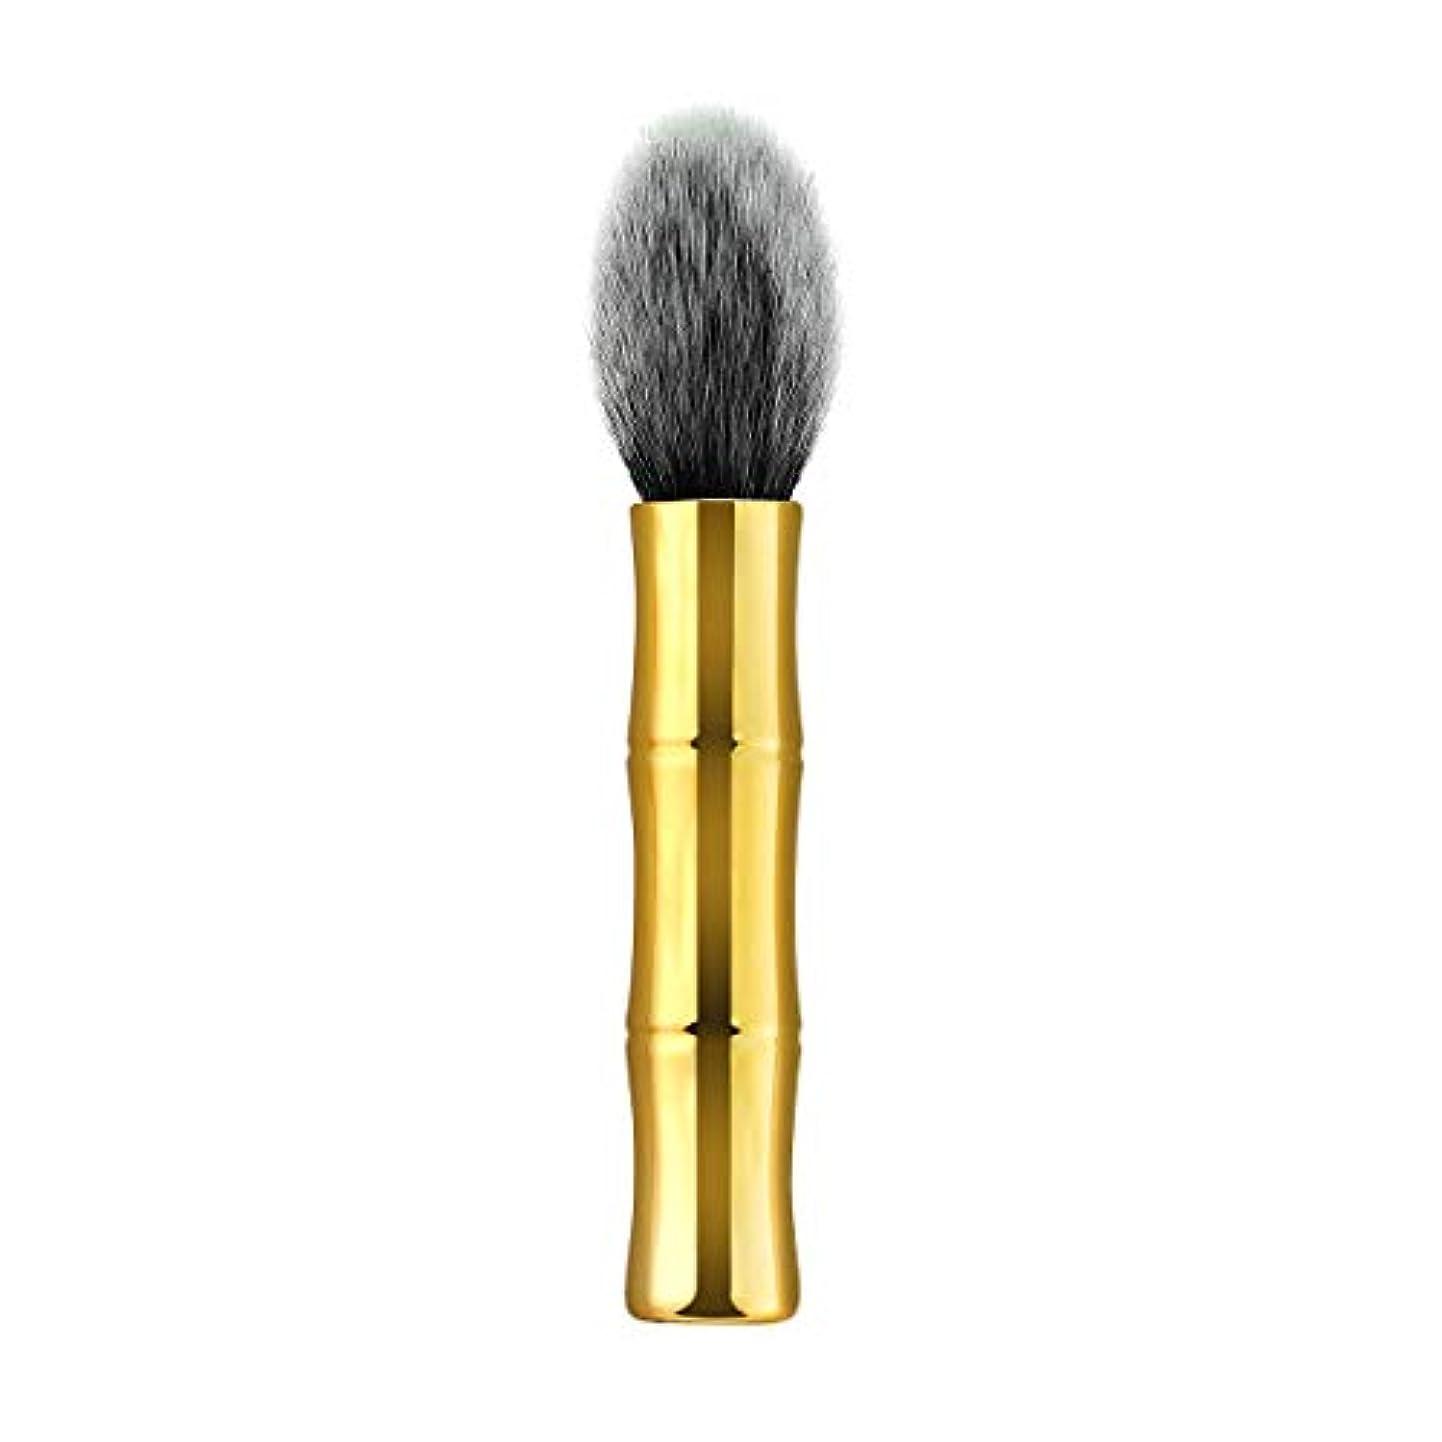 好奇心盛トロリーイーウェルLurrose 女性のためのソフトナイロン剛毛化粧ブラシ化粧品パウダーブラッシュブラシ(TM-104)を処理します。